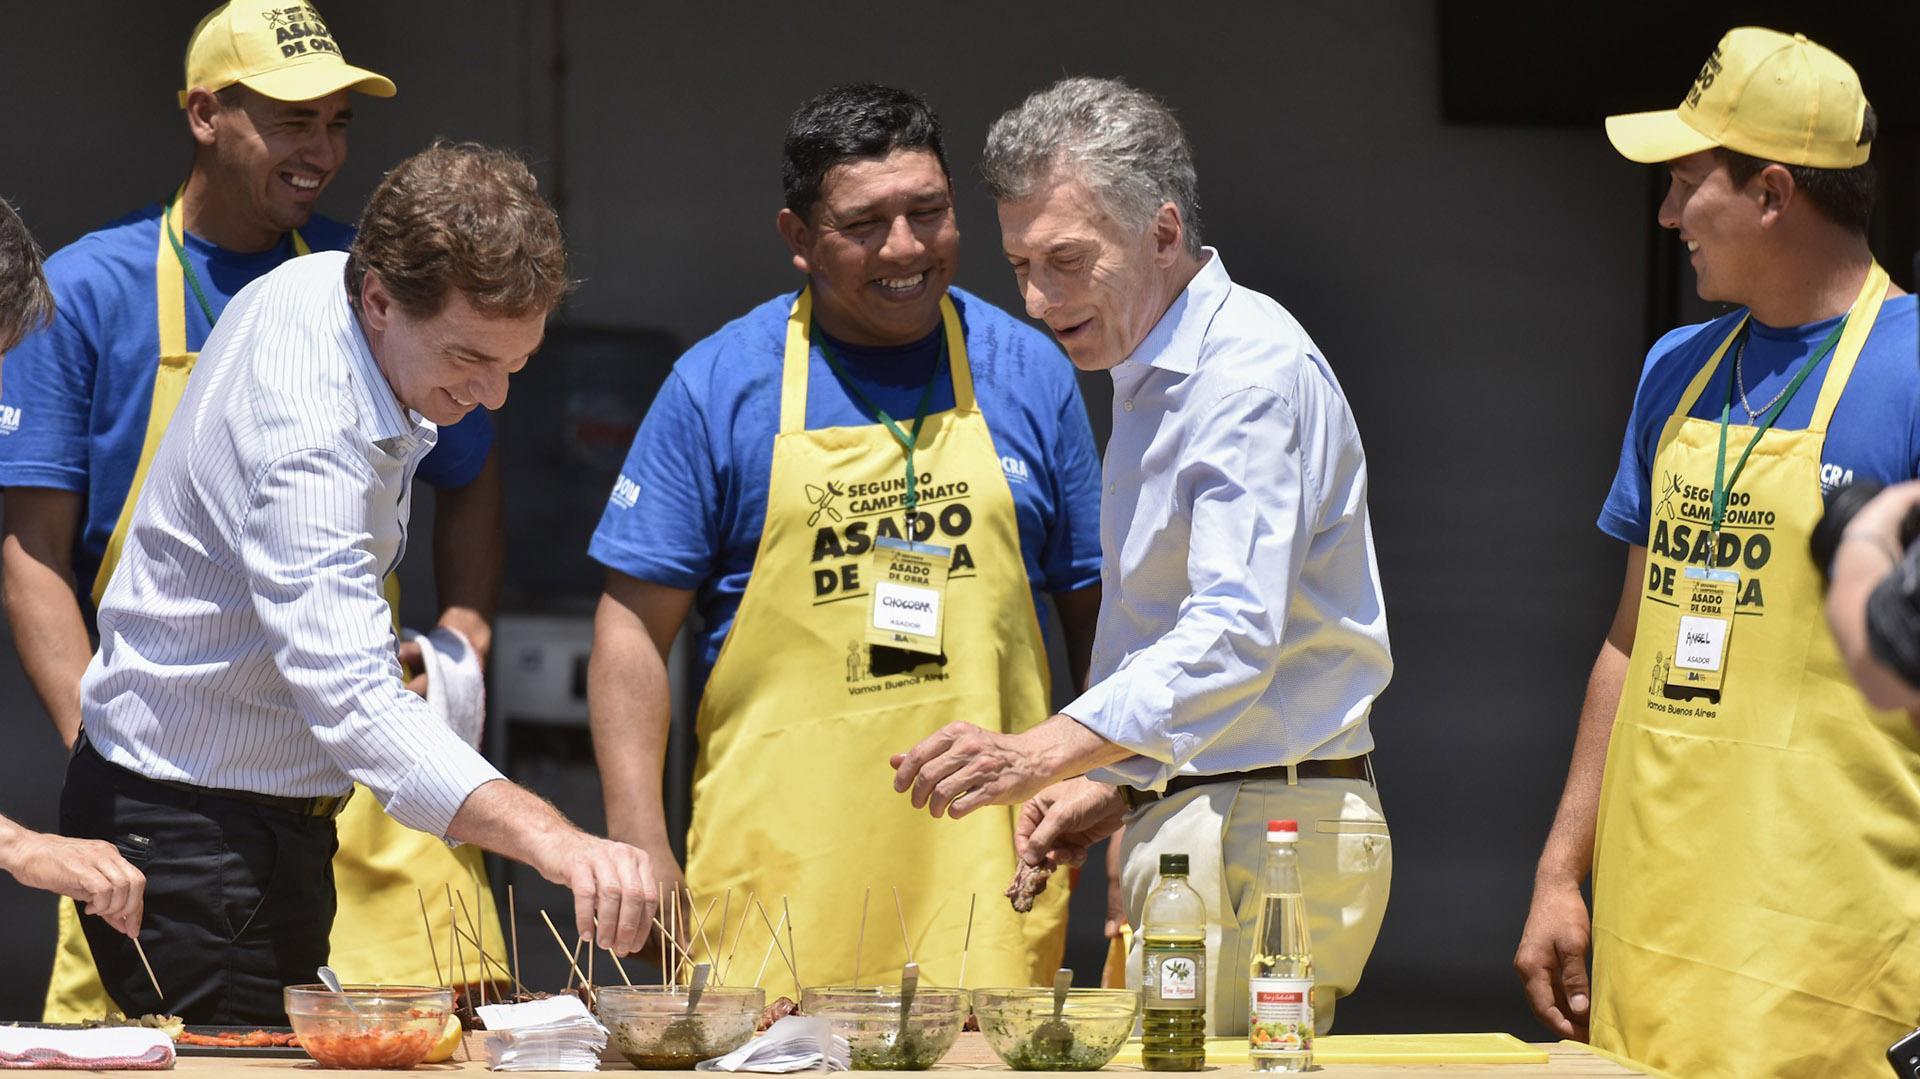 Diego Santilli y Mauricio Macri, en el campeonato de Asado de Obra (Fotos: Adrián Escándar)